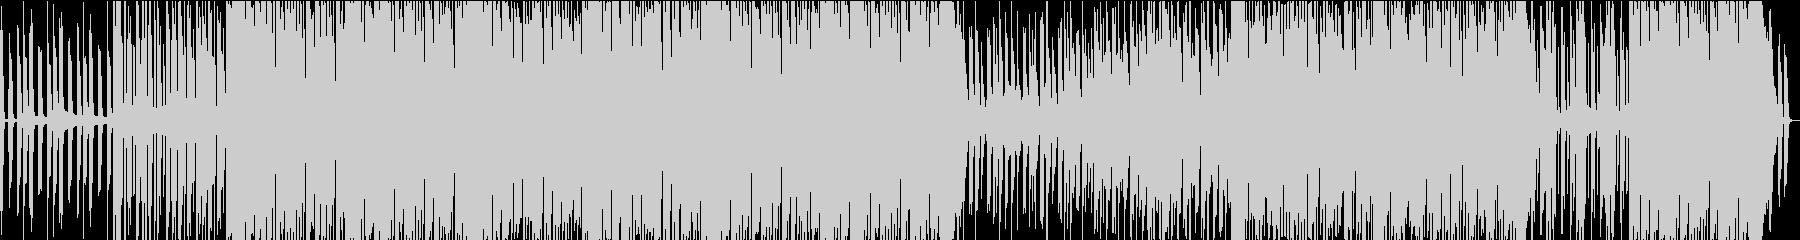 3拍子でワルツ感もあるオシャレ曲の未再生の波形